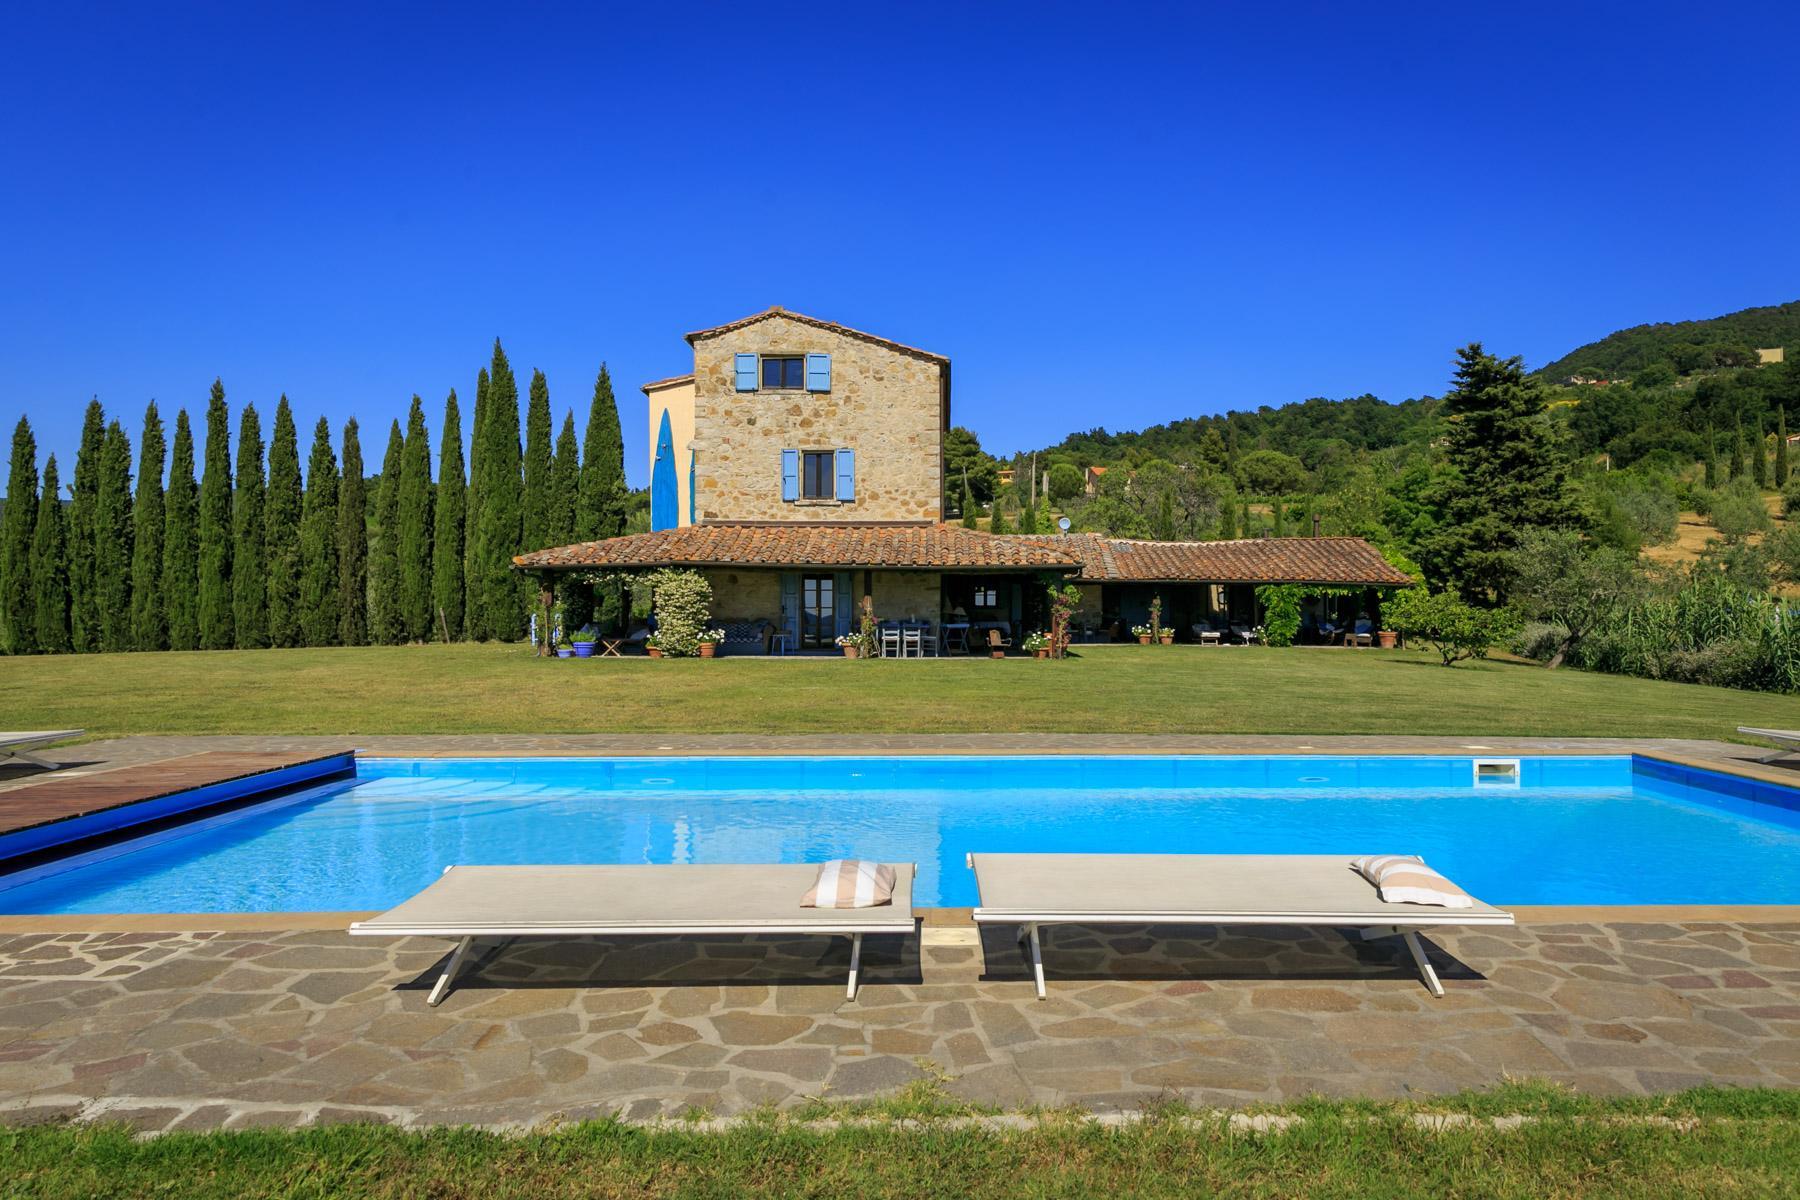 托斯卡纳地区拥有游泳池惬意的别墅 - 2